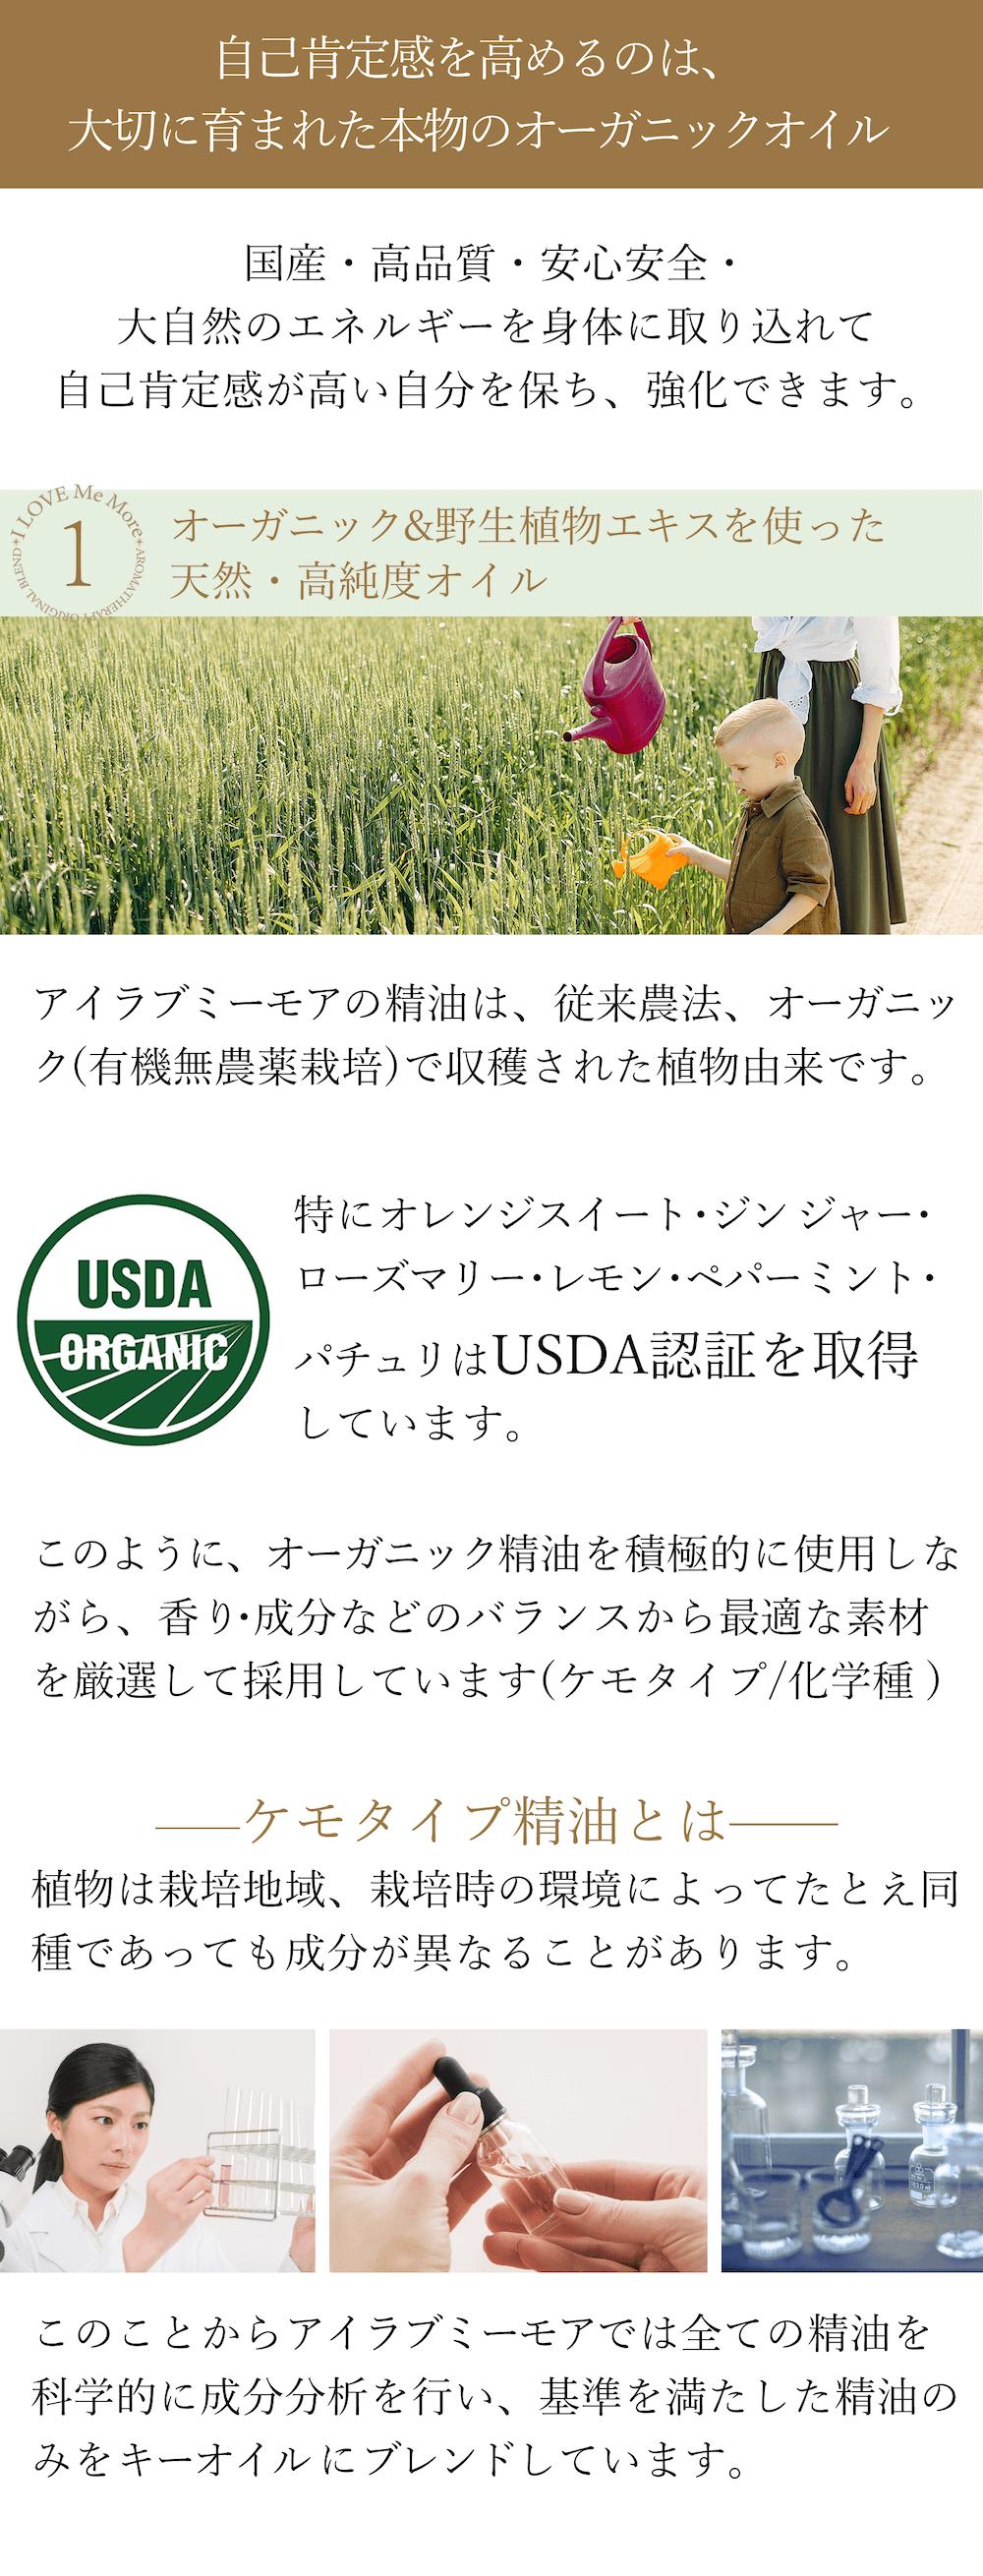 <自己肯定感を高めるのは、優しく大切に育まれた本物のオーガニックオイル> 高品質・安心安全・地球の大自然のエネルギーを身体に取り込れて自己肯定感高い自分を強化します。 ①オーガニック&野生植物エキスを使った大自然・高純度オイル アイラブミーモアの精油は、従来農法、野生種、オーガニック(有機無農薬栽培)で収穫された植物由来です。特にオレンジスイート・ジン ジャー・ローズマリー・レモン・ペパーミント・パチュリはUSDA認証を取得しています。オーガニック精油を積極的に使用しながら、香り・成 分・薬効のバランスから最適な素材が選ばれています。 植物は栽培地域、栽培時の環境によってたとえ同種であっても成分が異なることがあります。成分が異なればアロマセラピーにおいても作用や効 果も当然異なってしまいます。このことからアイラブミーモアでは全ての精油を科学的に成分分析を行い、基準を満たした精油のみをキーオイル にブレンドしています。